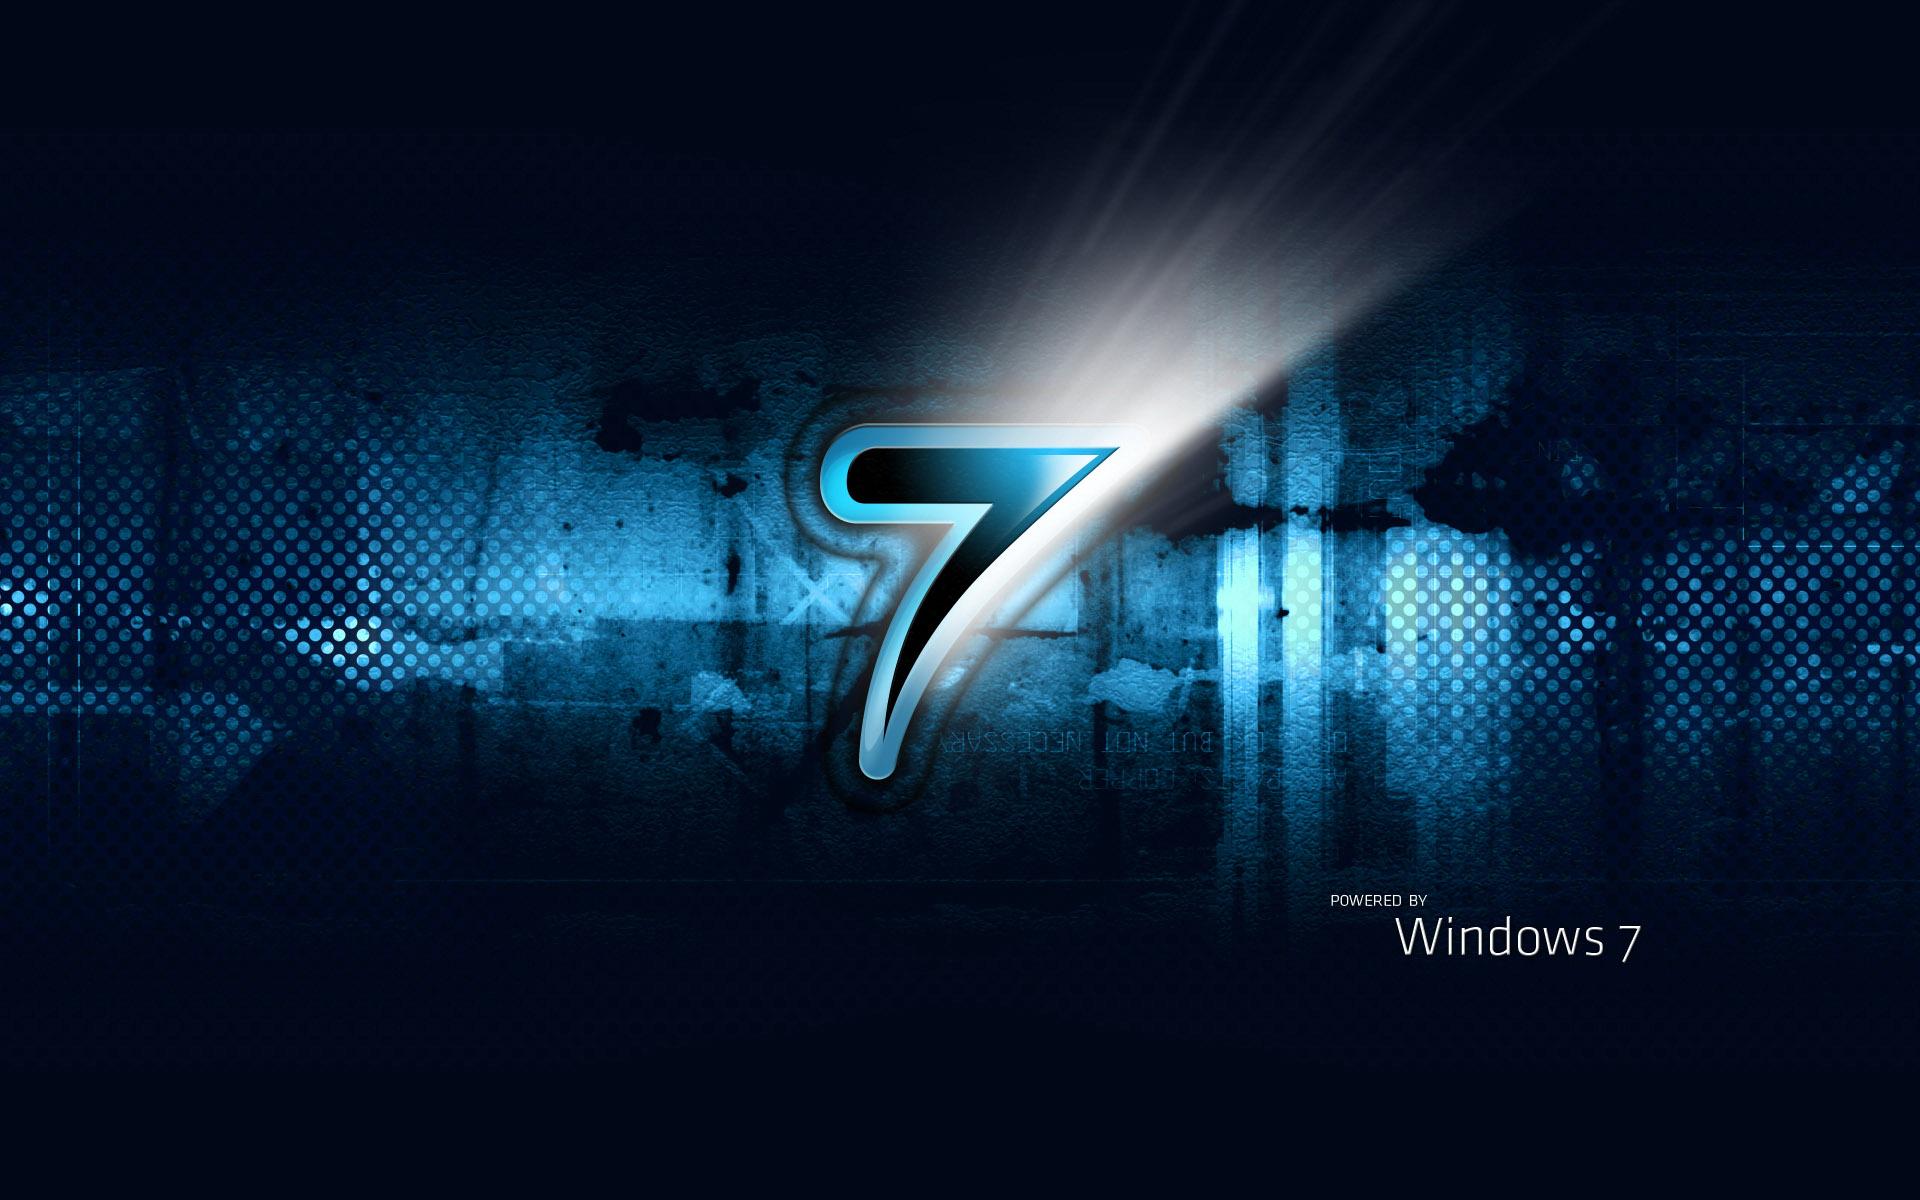 Windows Fondo De Pantalla Hd Fondo De Escritorio